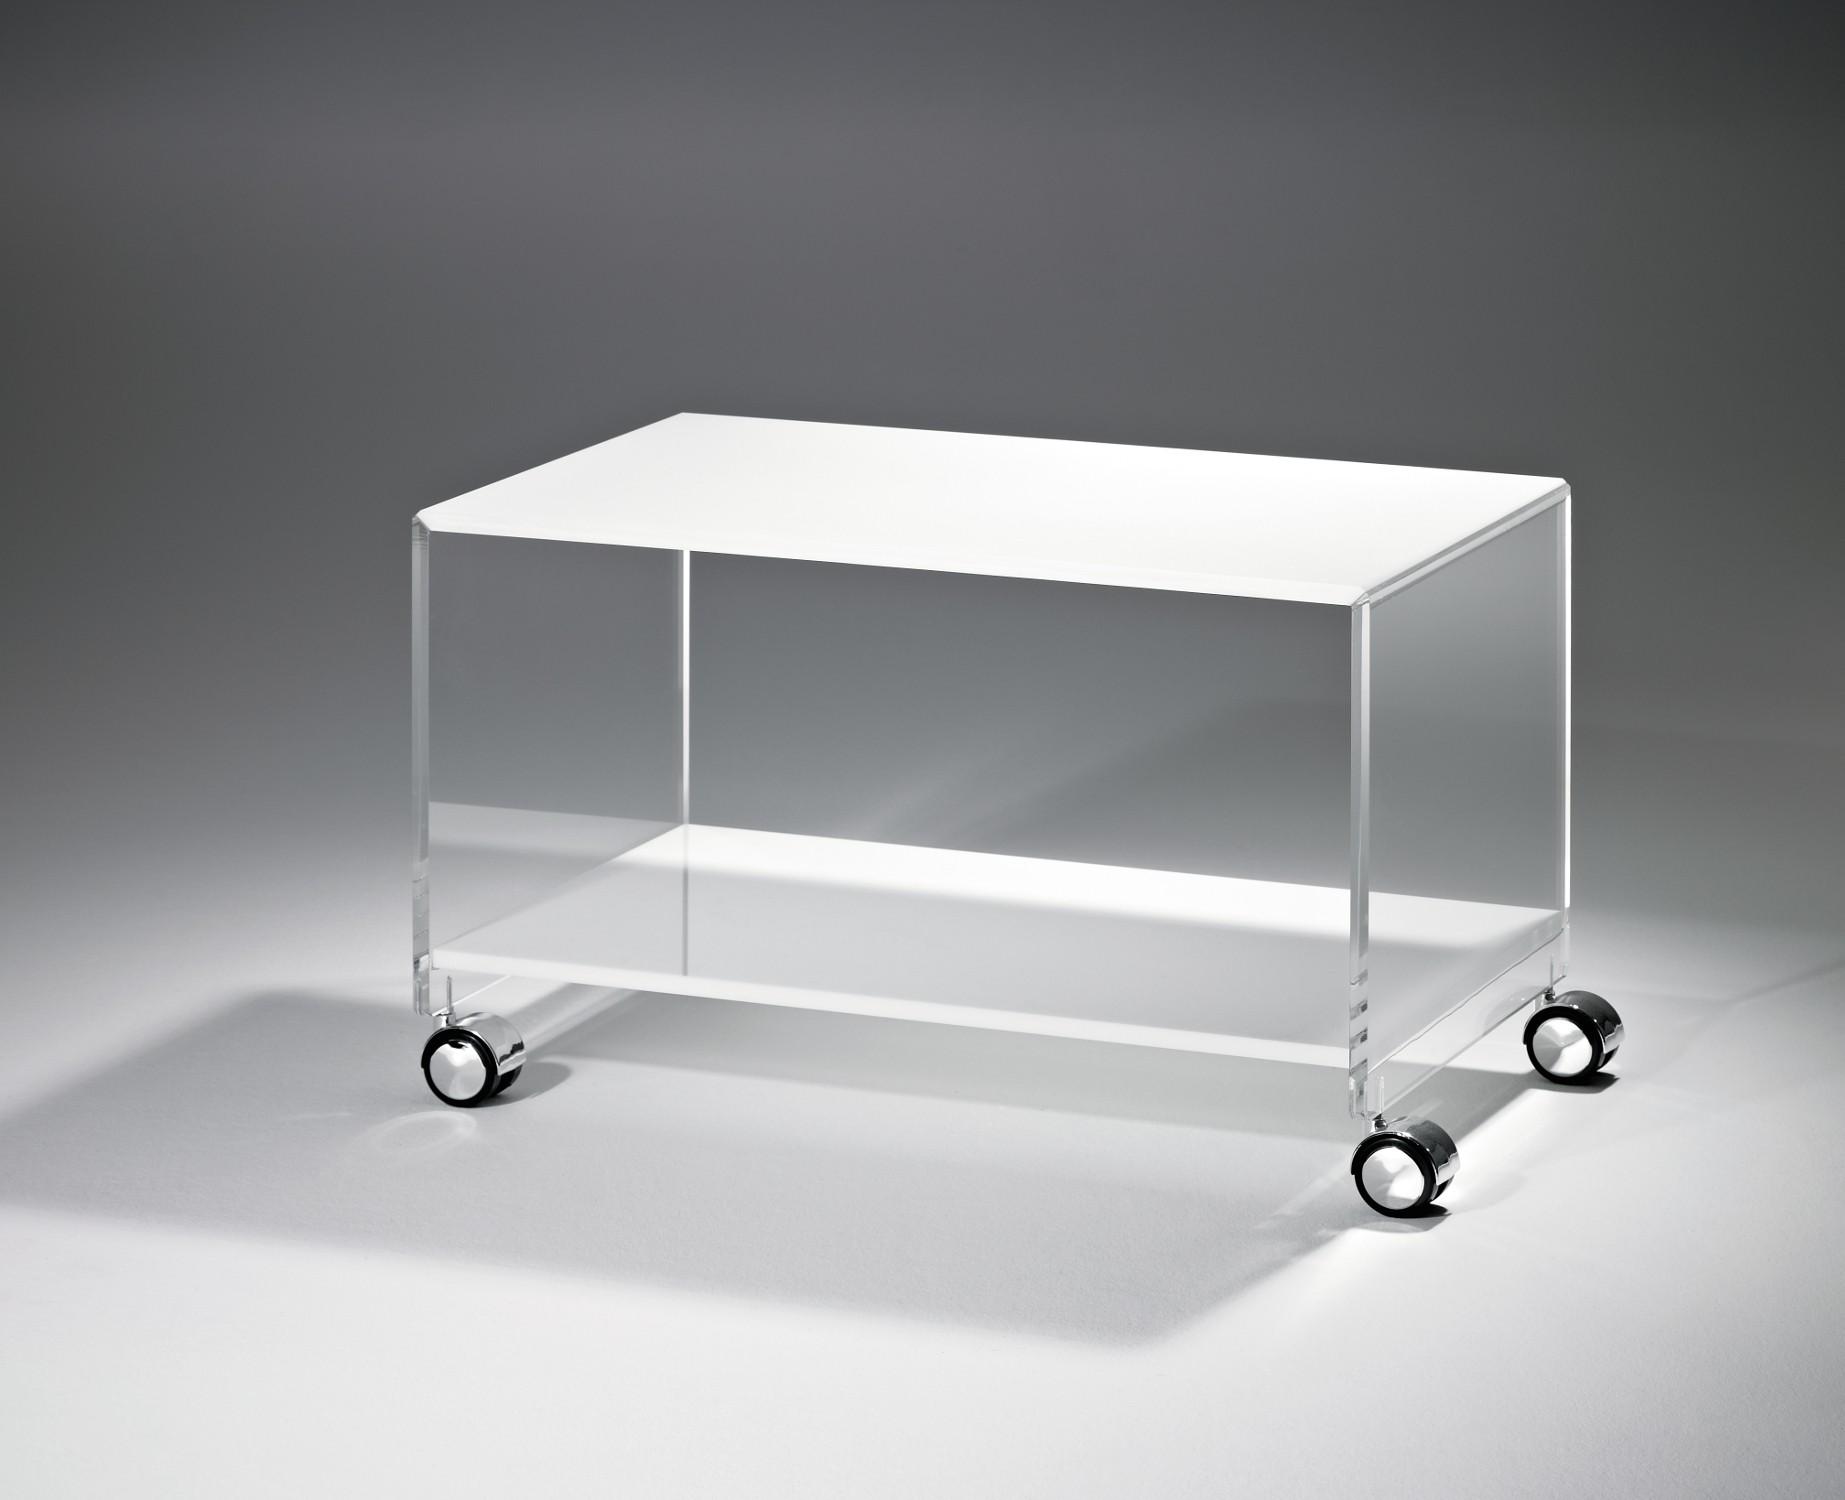 couchtisch las vegas mit rollen und ablagefach breite. Black Bedroom Furniture Sets. Home Design Ideas